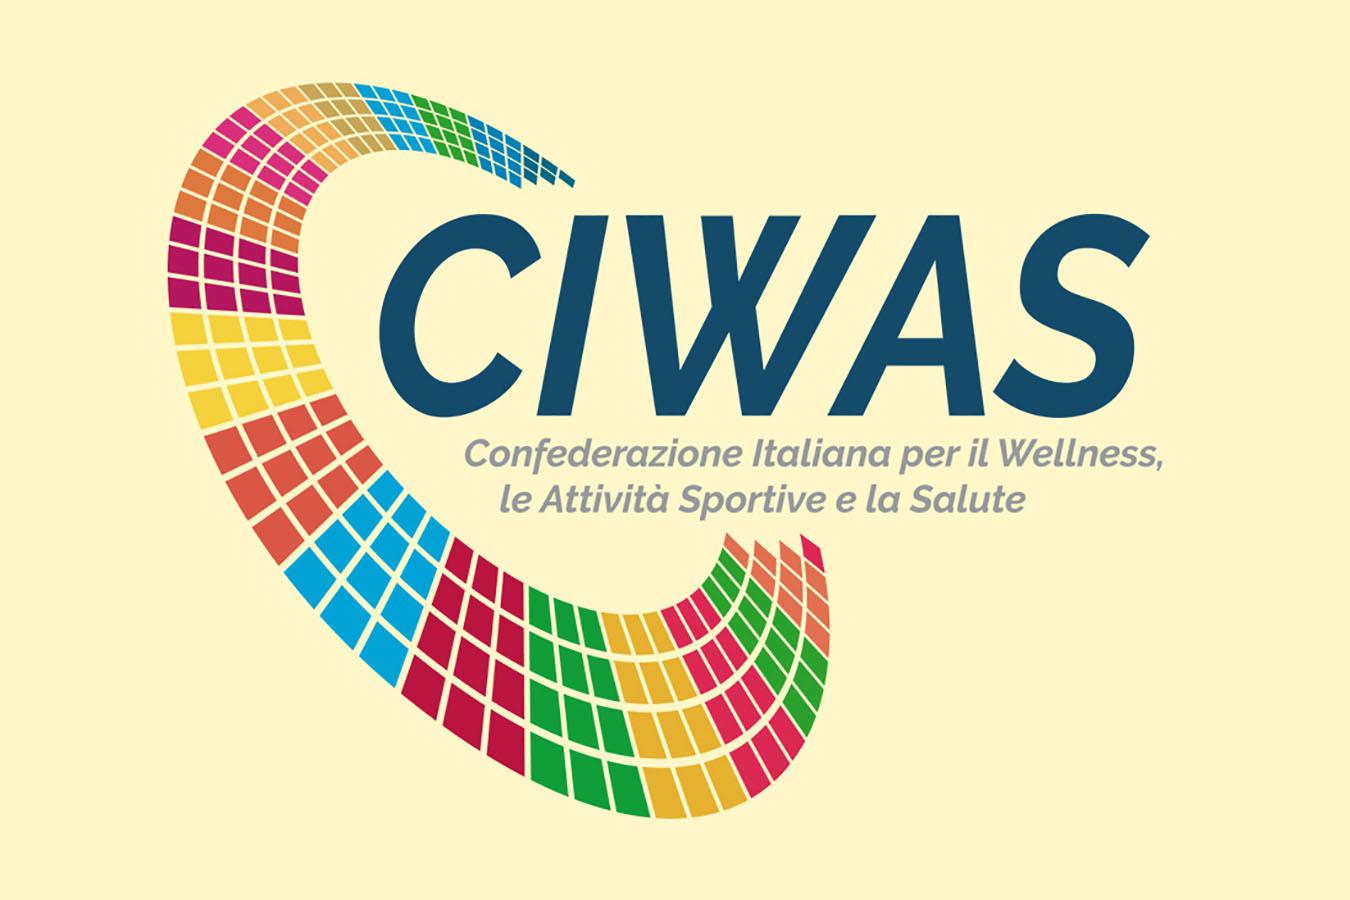 Nasce la Confederazione Italiana del Wellness e le Attività Sportive per la Salute